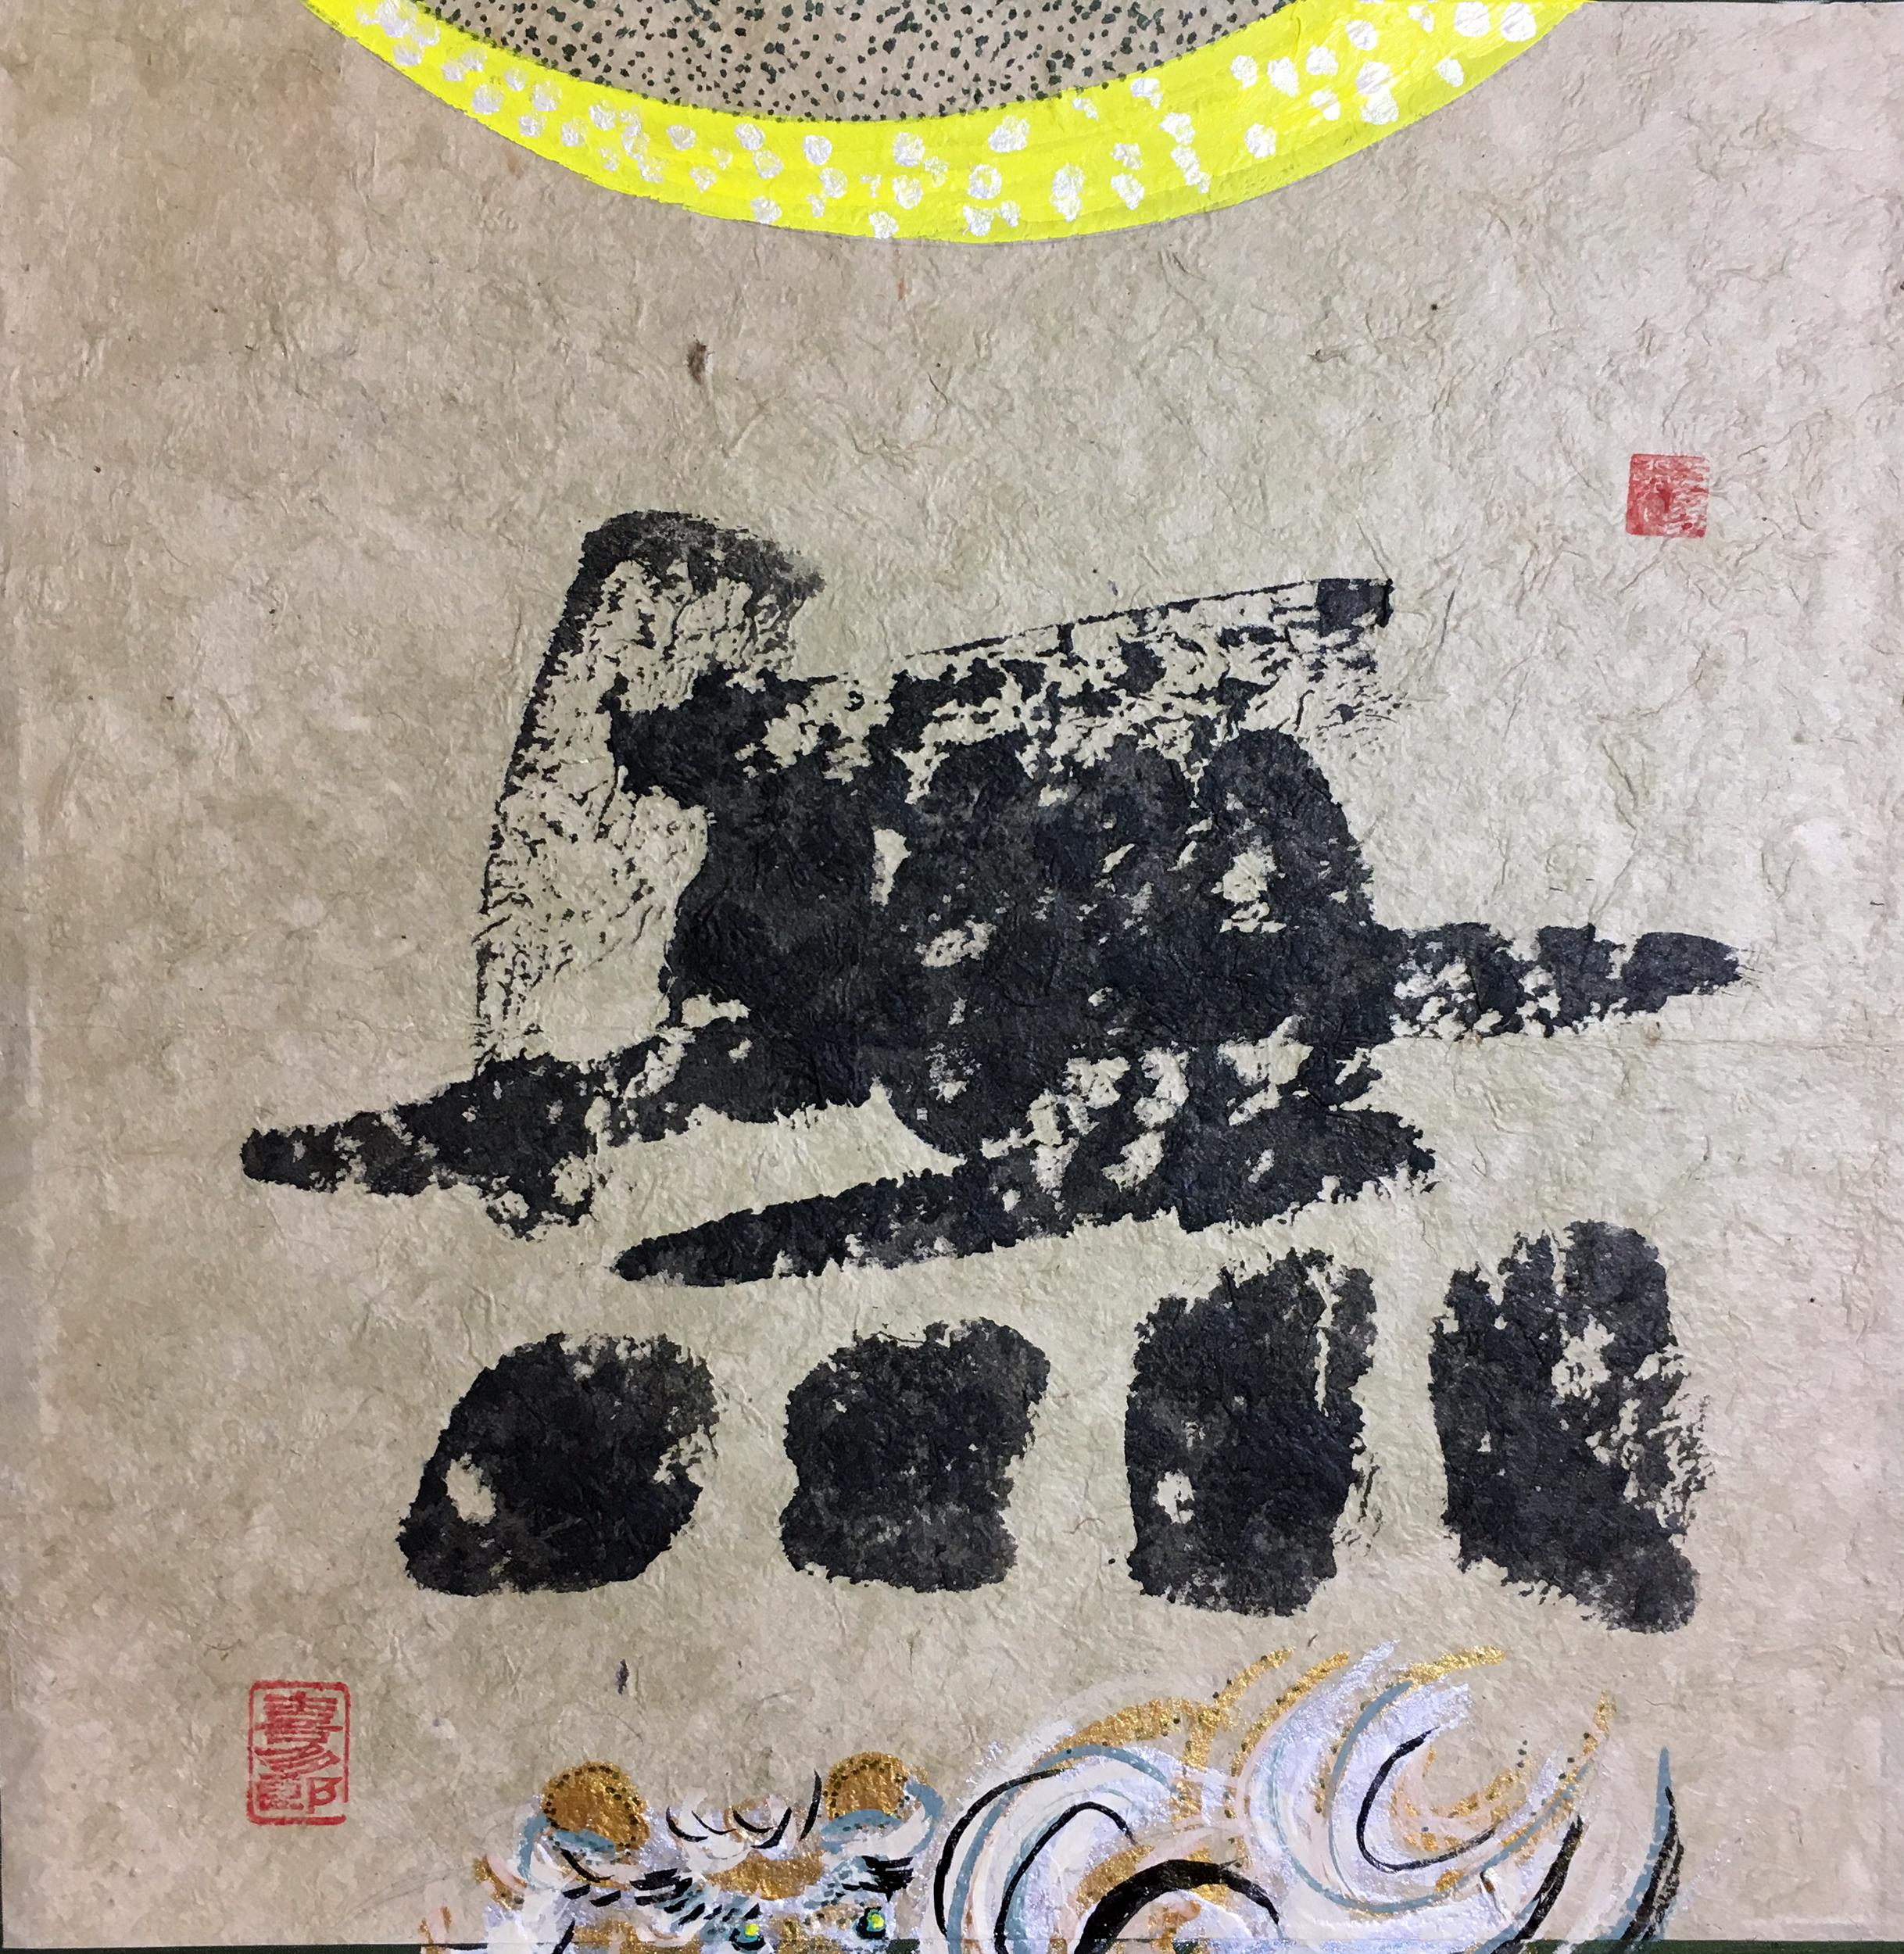 MU by Kitaro